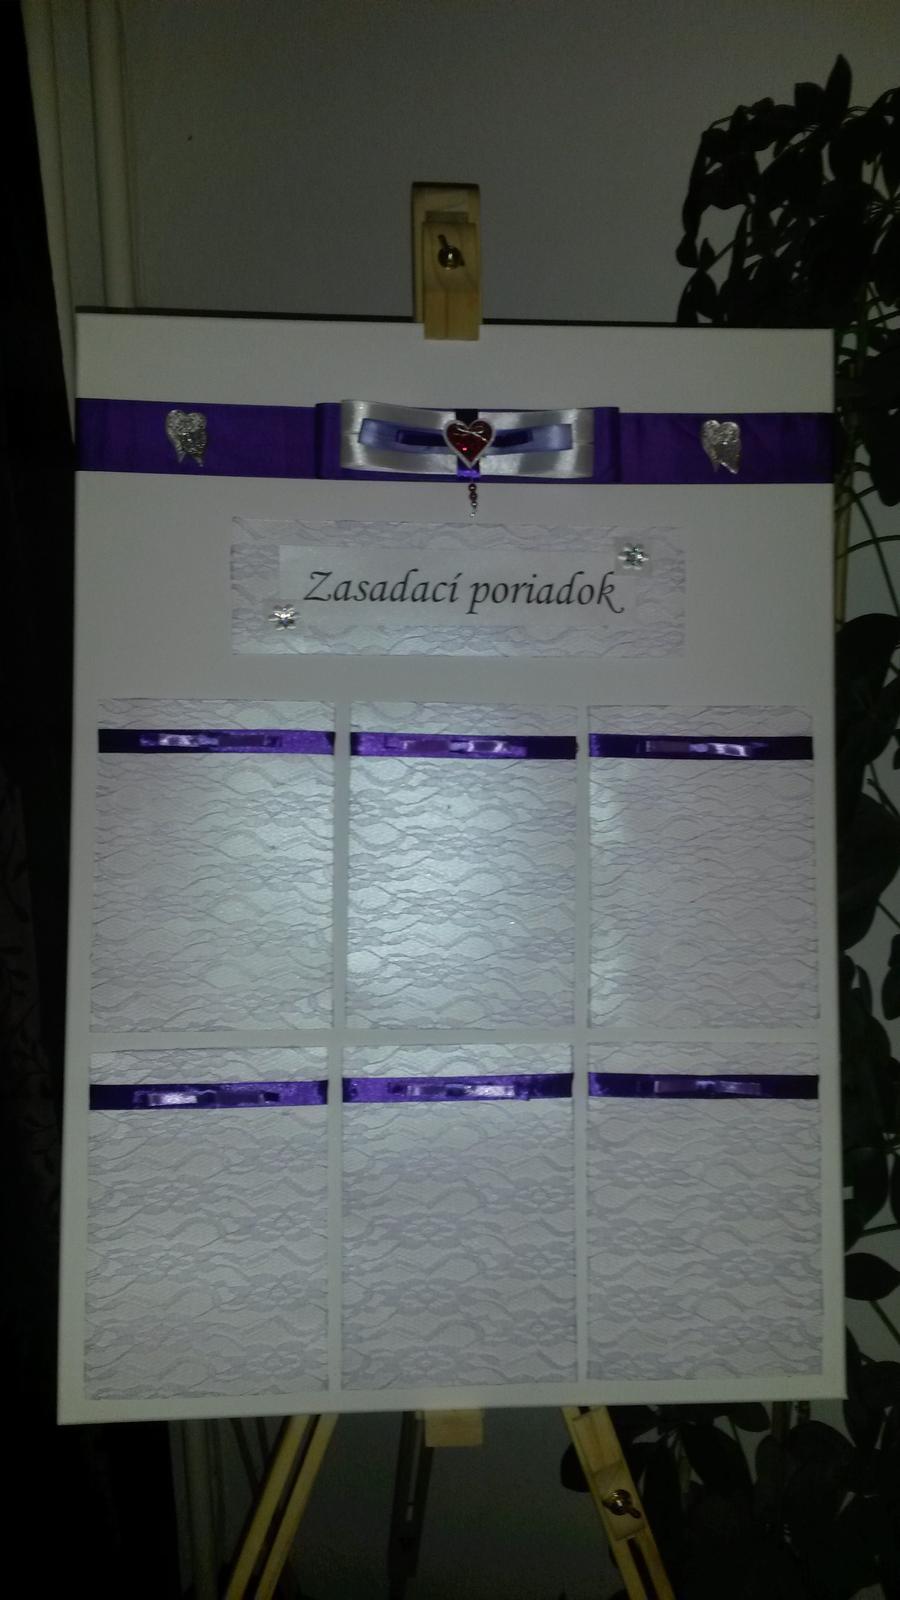 Takto sa pomaličky pripravujeme - zasedaci poriadku, iba deň pred svadbou vytlačíme menovitý zoznam